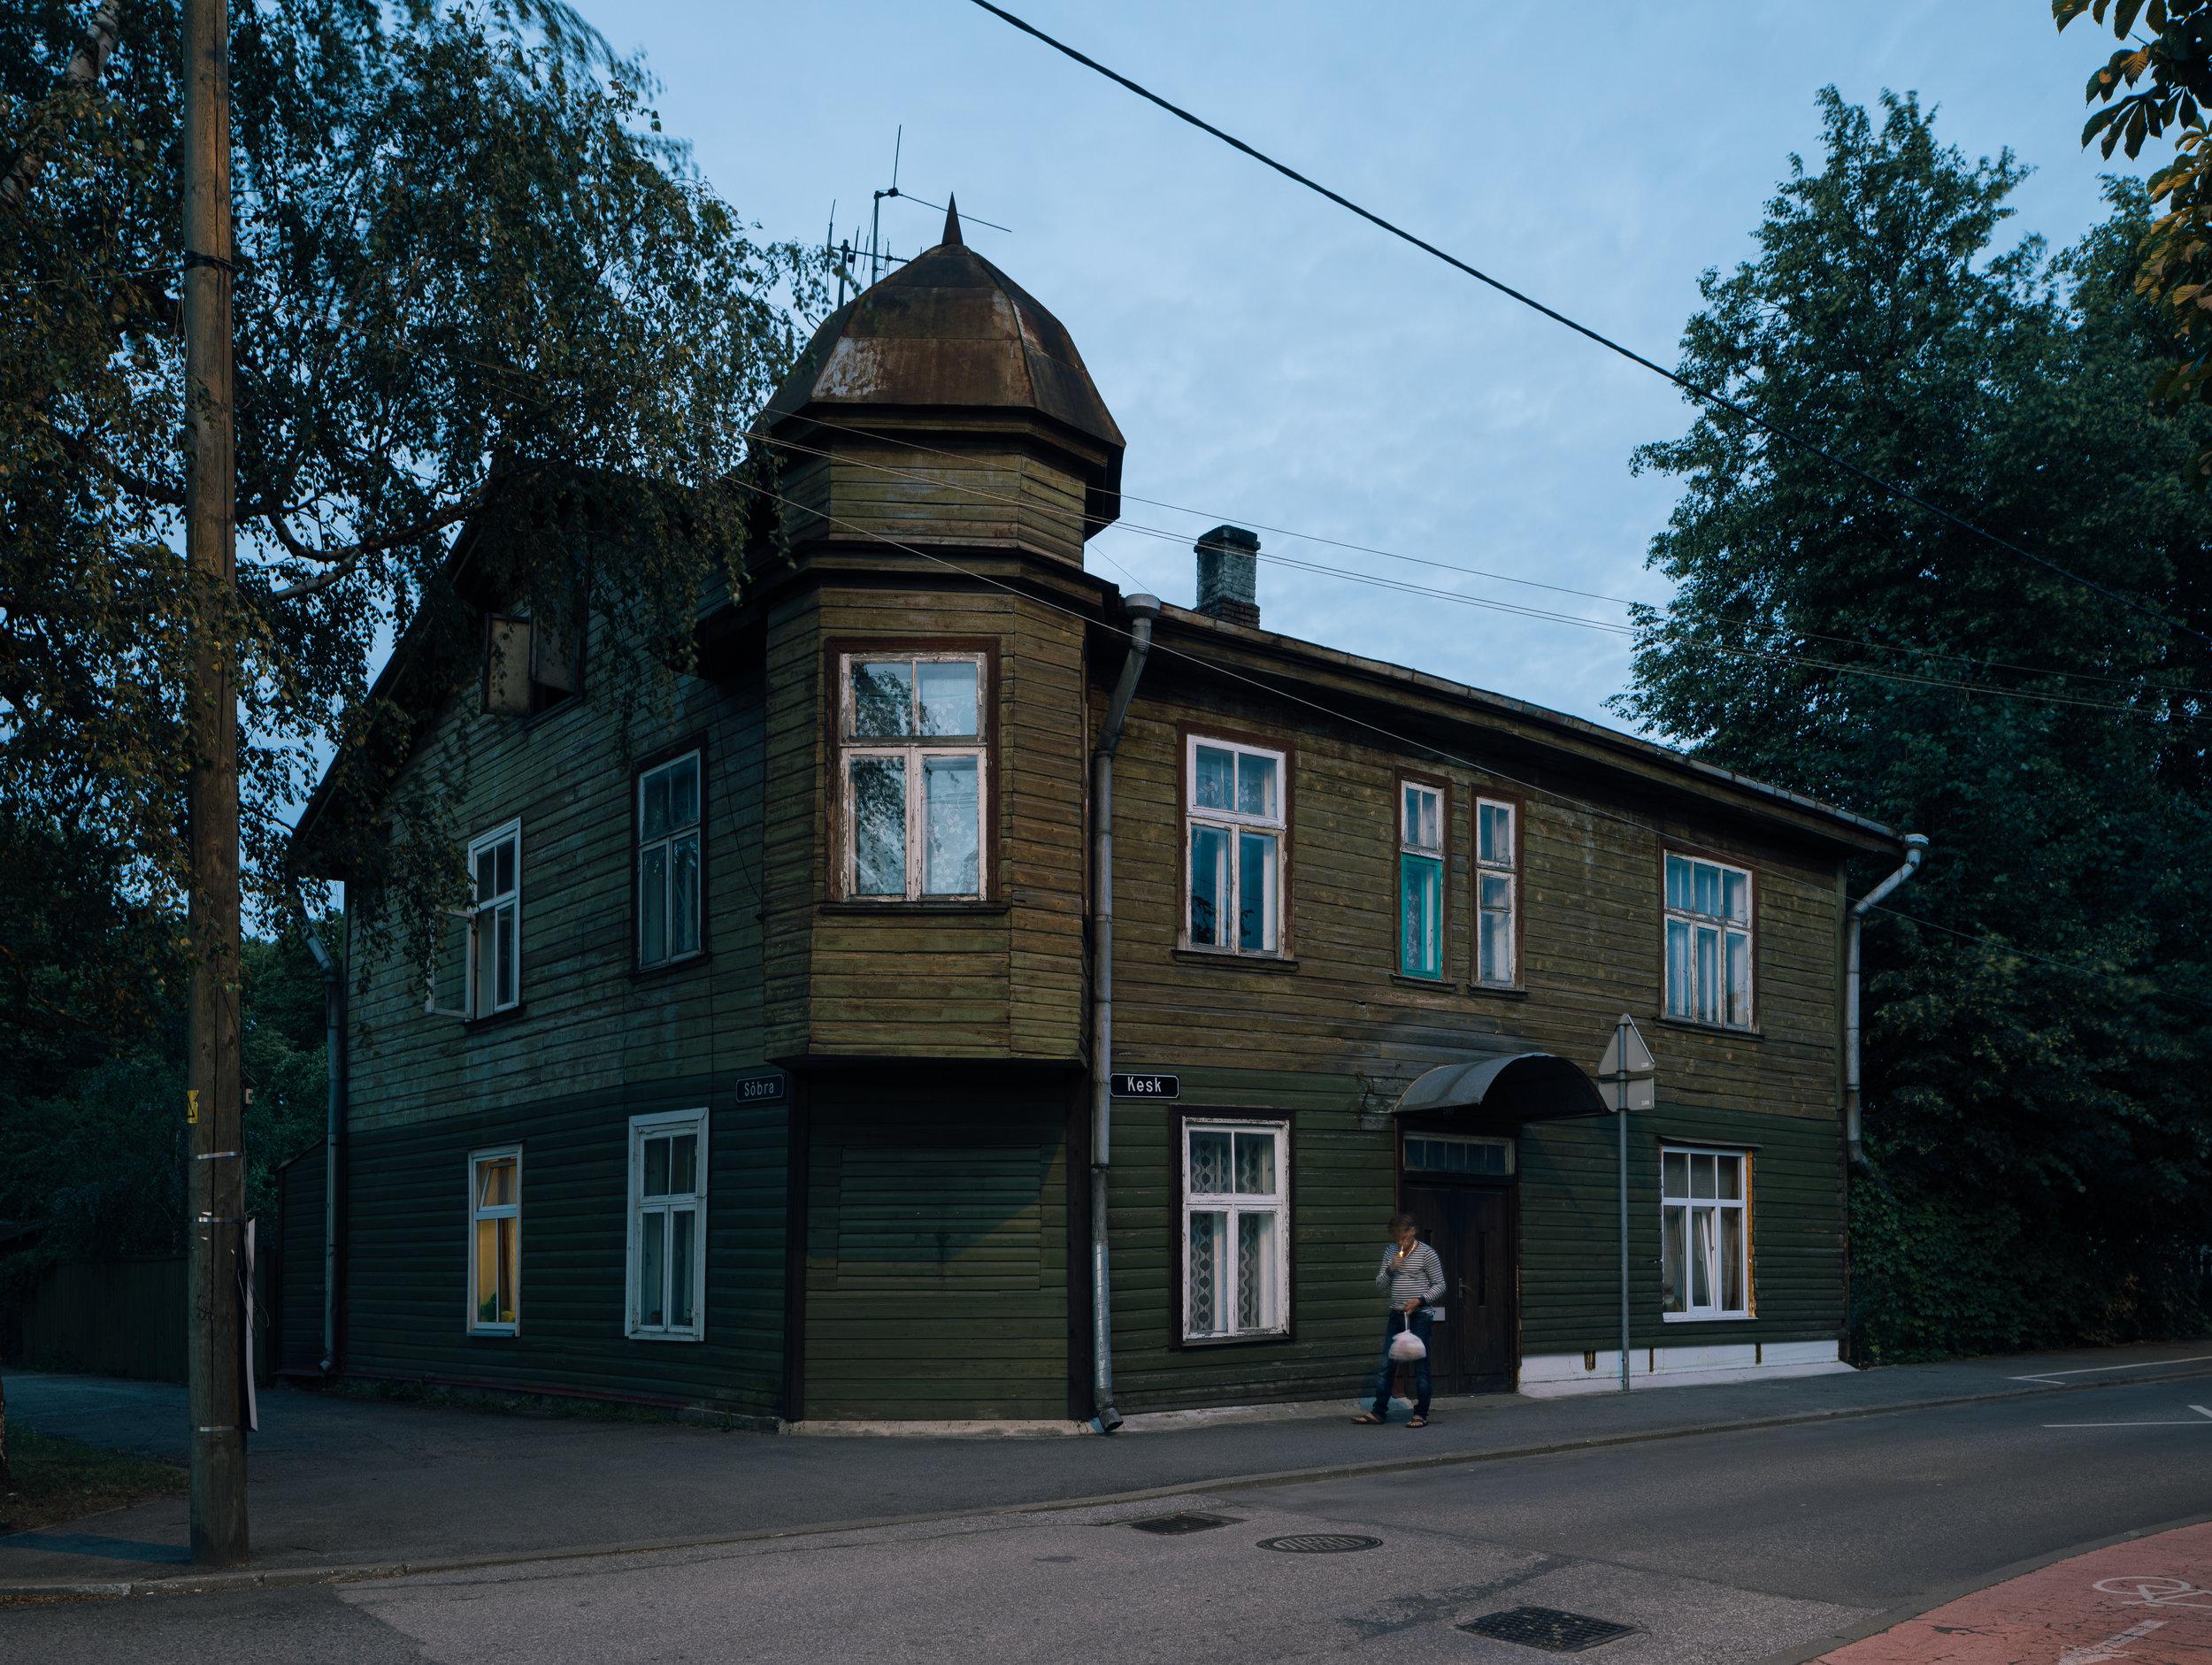 Karlova, Tartu, Estonia, June 2019